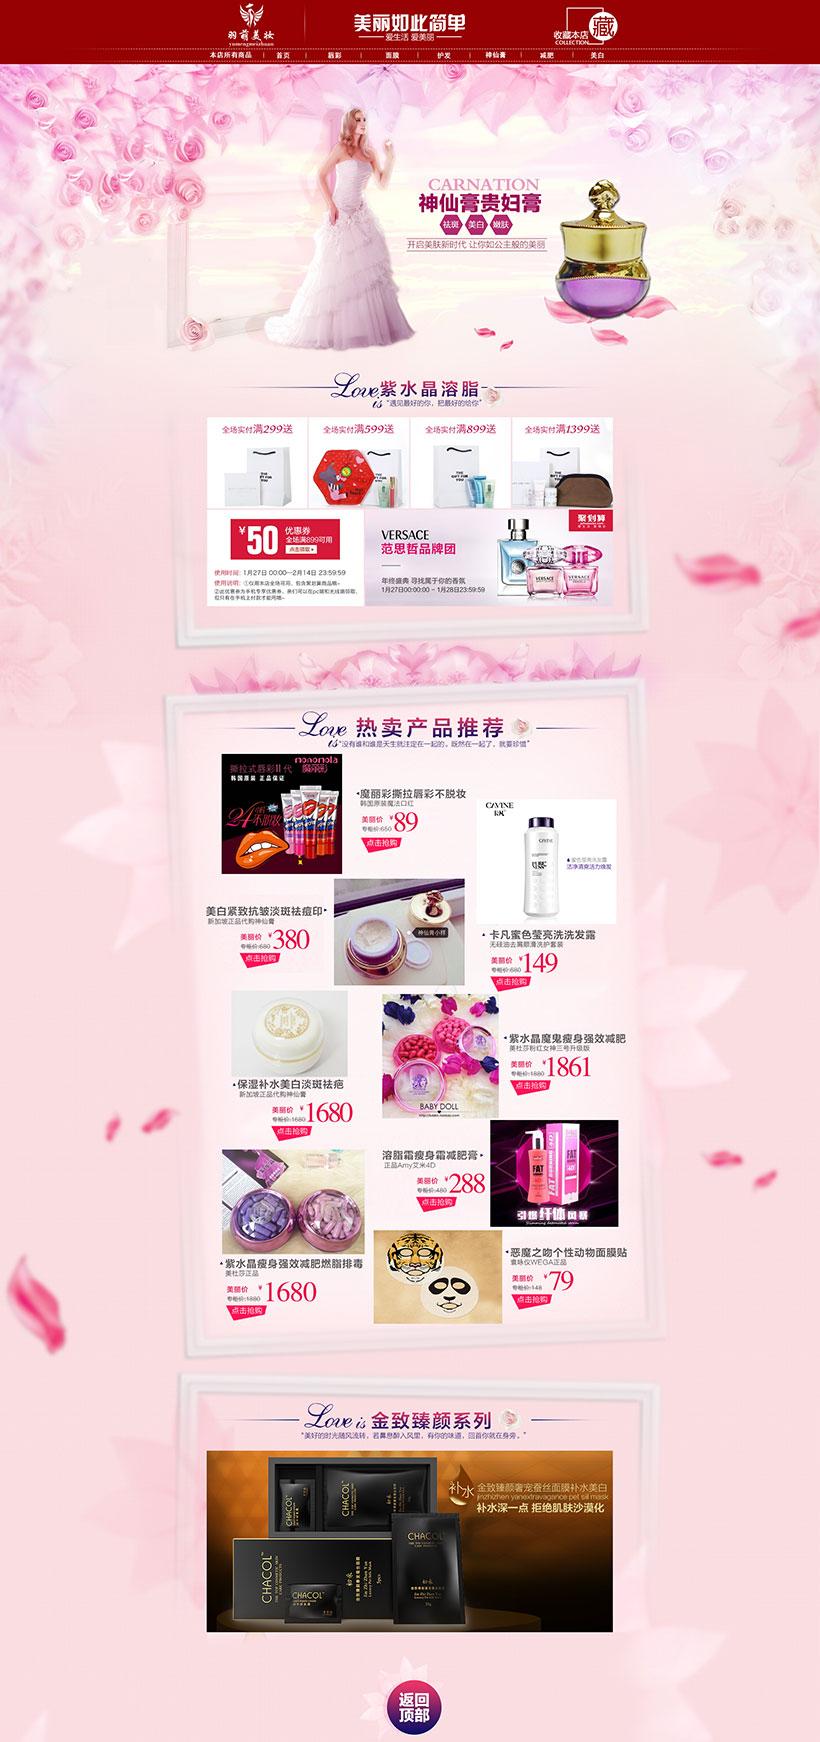 淘寶化妝品促銷活動頁面設計psd素材